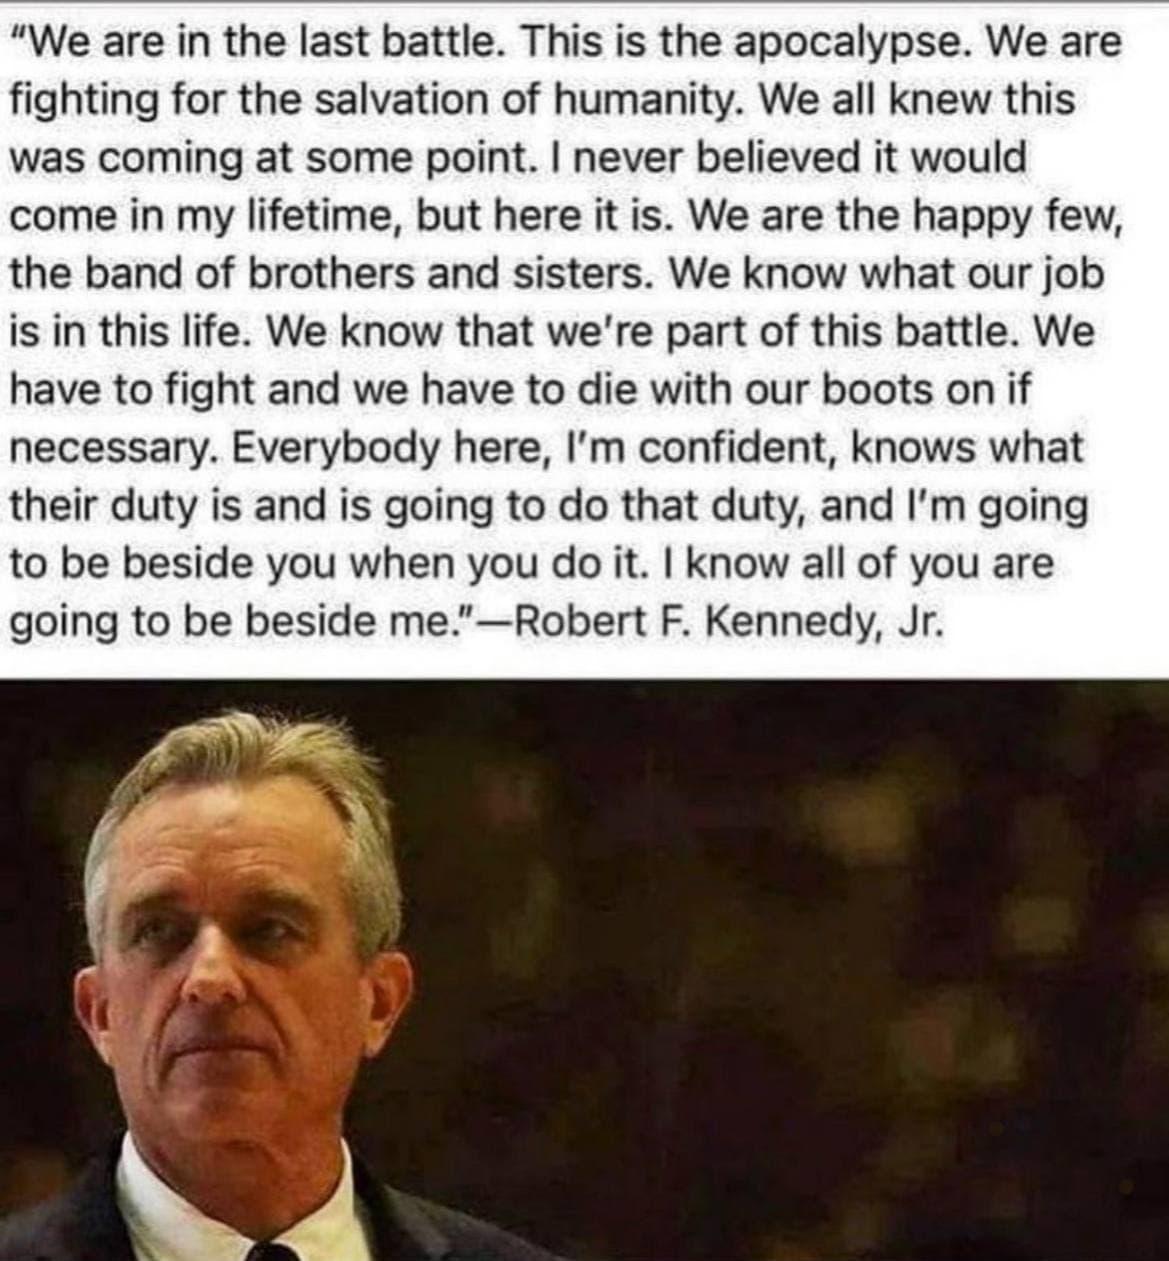 Dr. Robert Kennedy